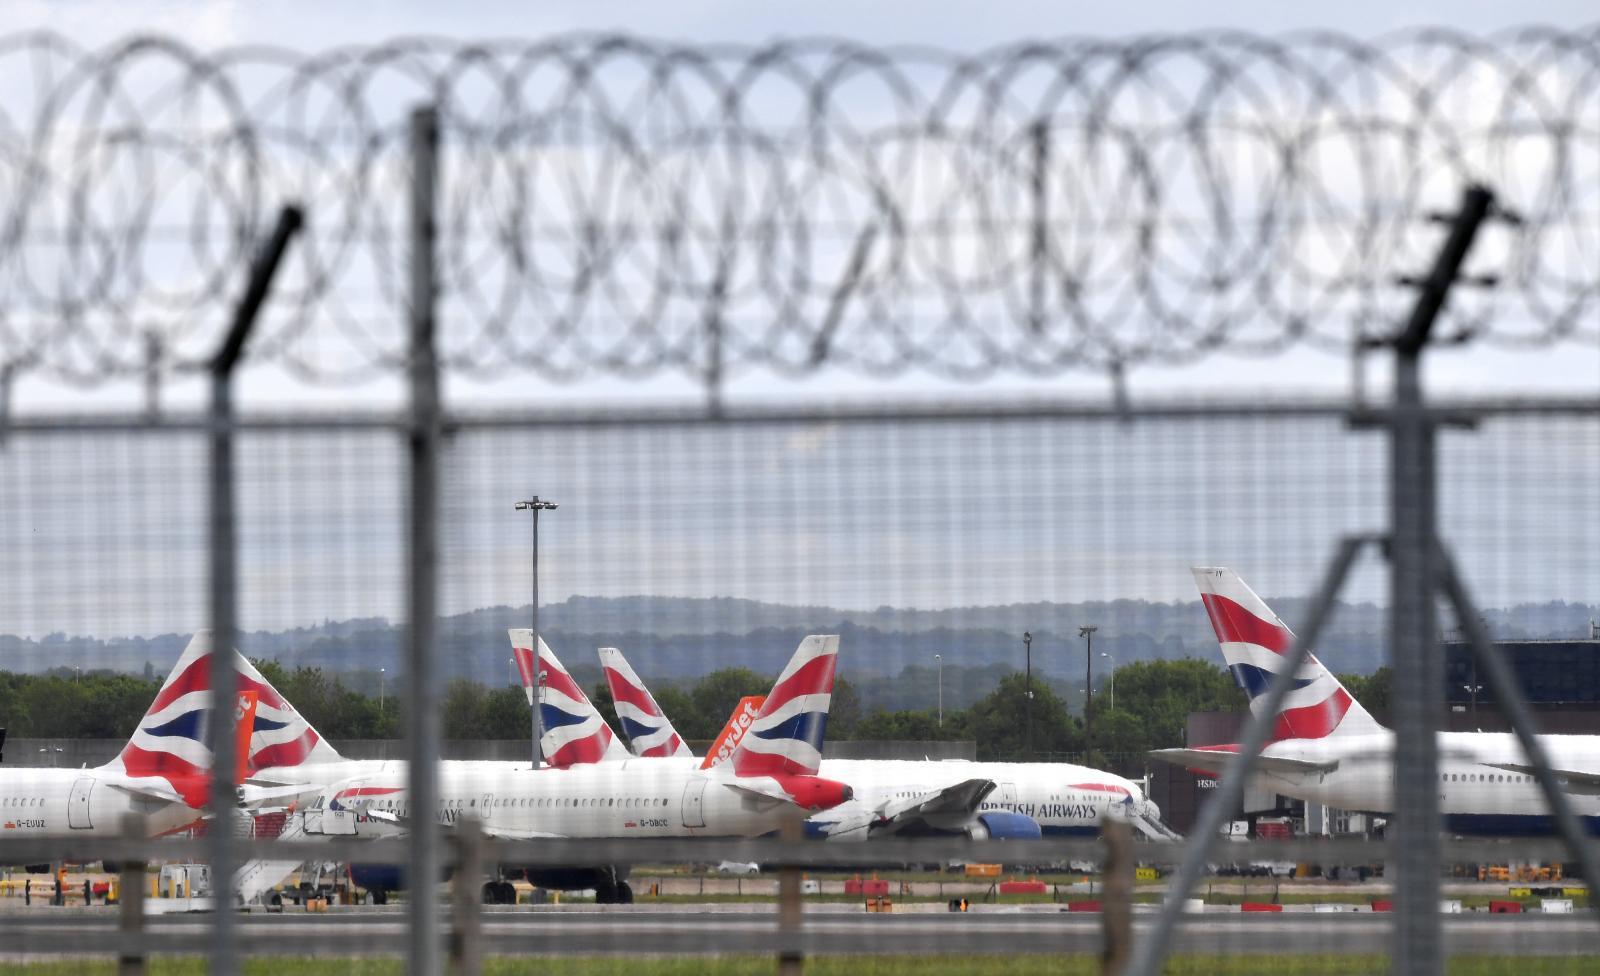 หลายชาติยุโรปห้ามเที่ยวบินอังกฤษเข้าประเทศ